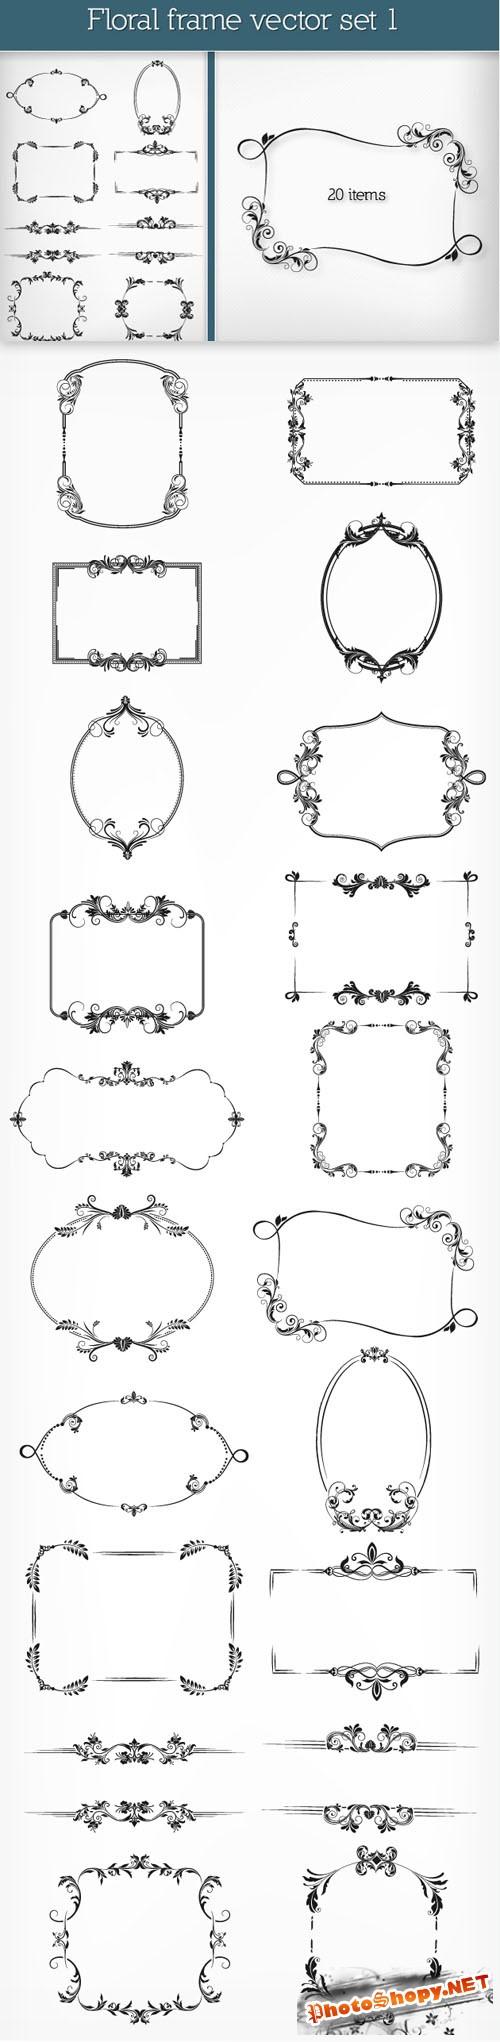 Designtnt - Floral Frames Vector Set 1